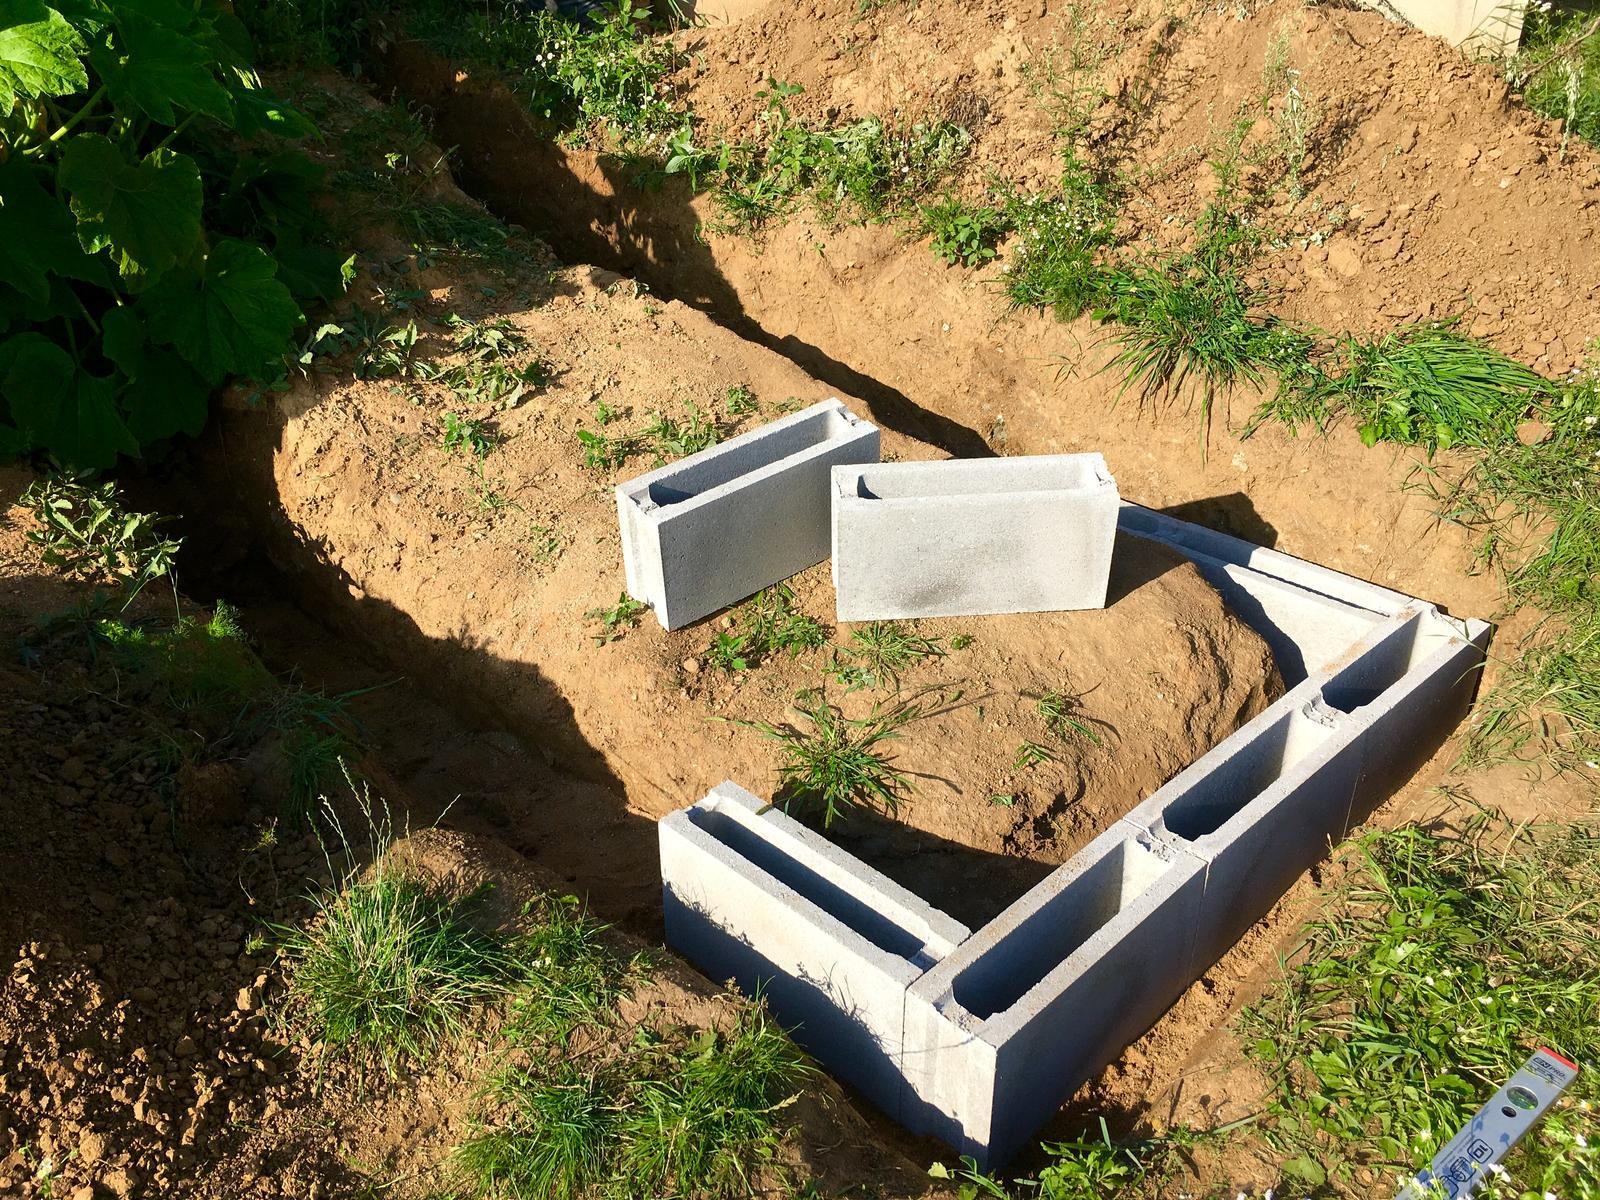 Skřítčí zahrada 2015 - 2020 - Srpen 2019 - první řada betonových tvárnic na budoucí záhon ... není to sice přírodní materiál, na druhou stranu ale vydrží dlouho